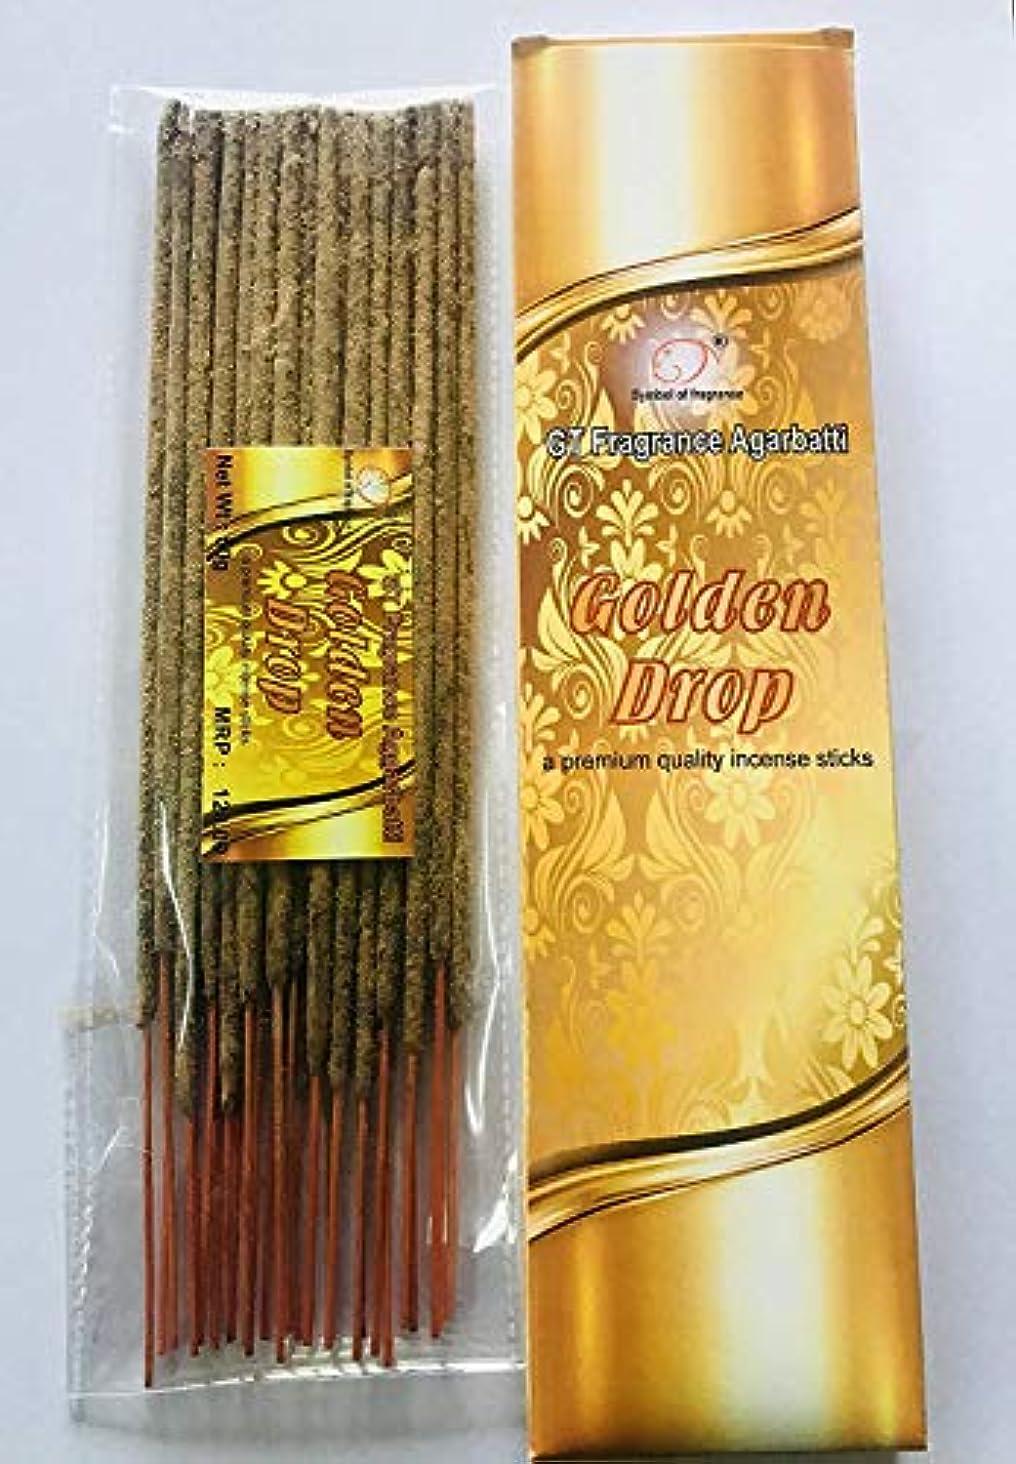 レザー削る架空のGolden Drop. Bundle of 2 Packs, a Premium Quality Incense sticks-100g